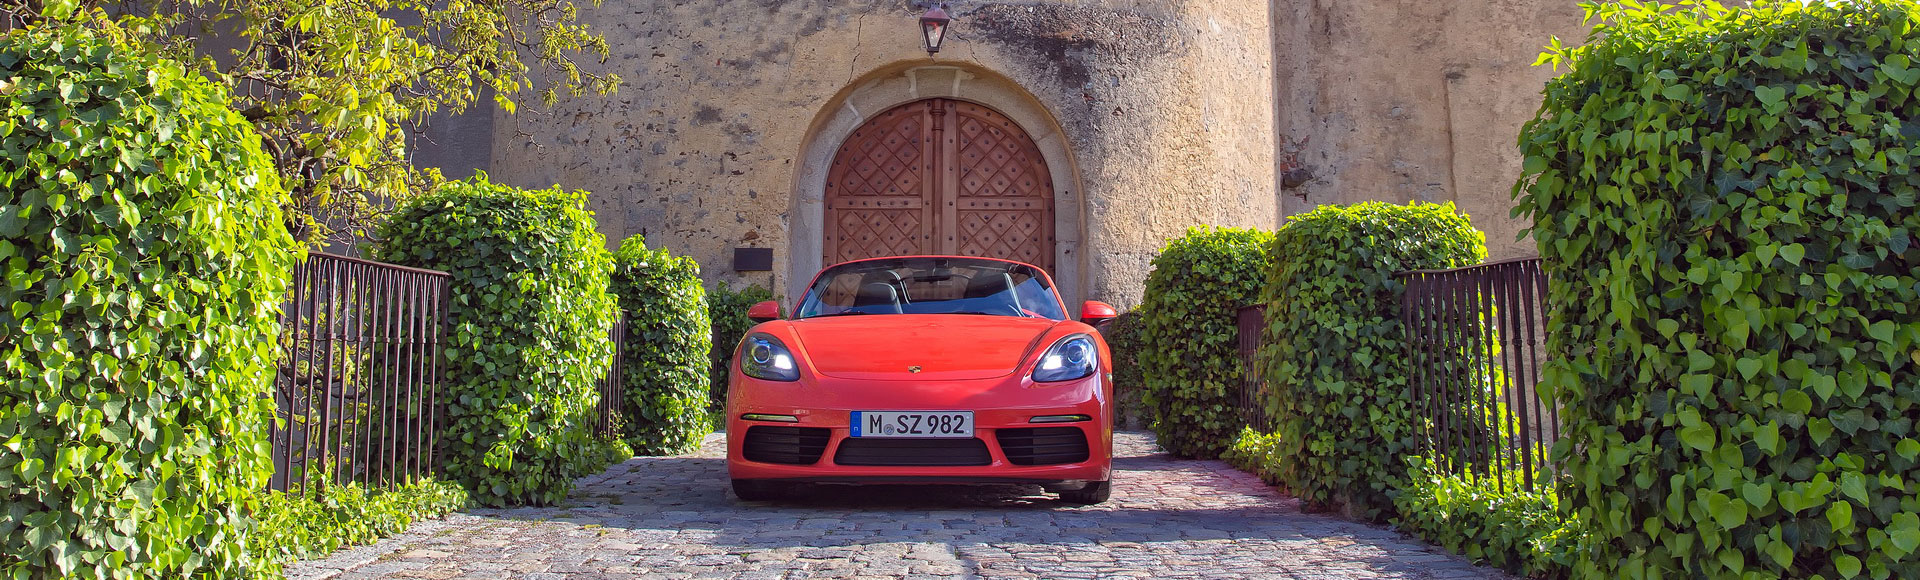 Porsche Boxster 718 2016 2410 Spring